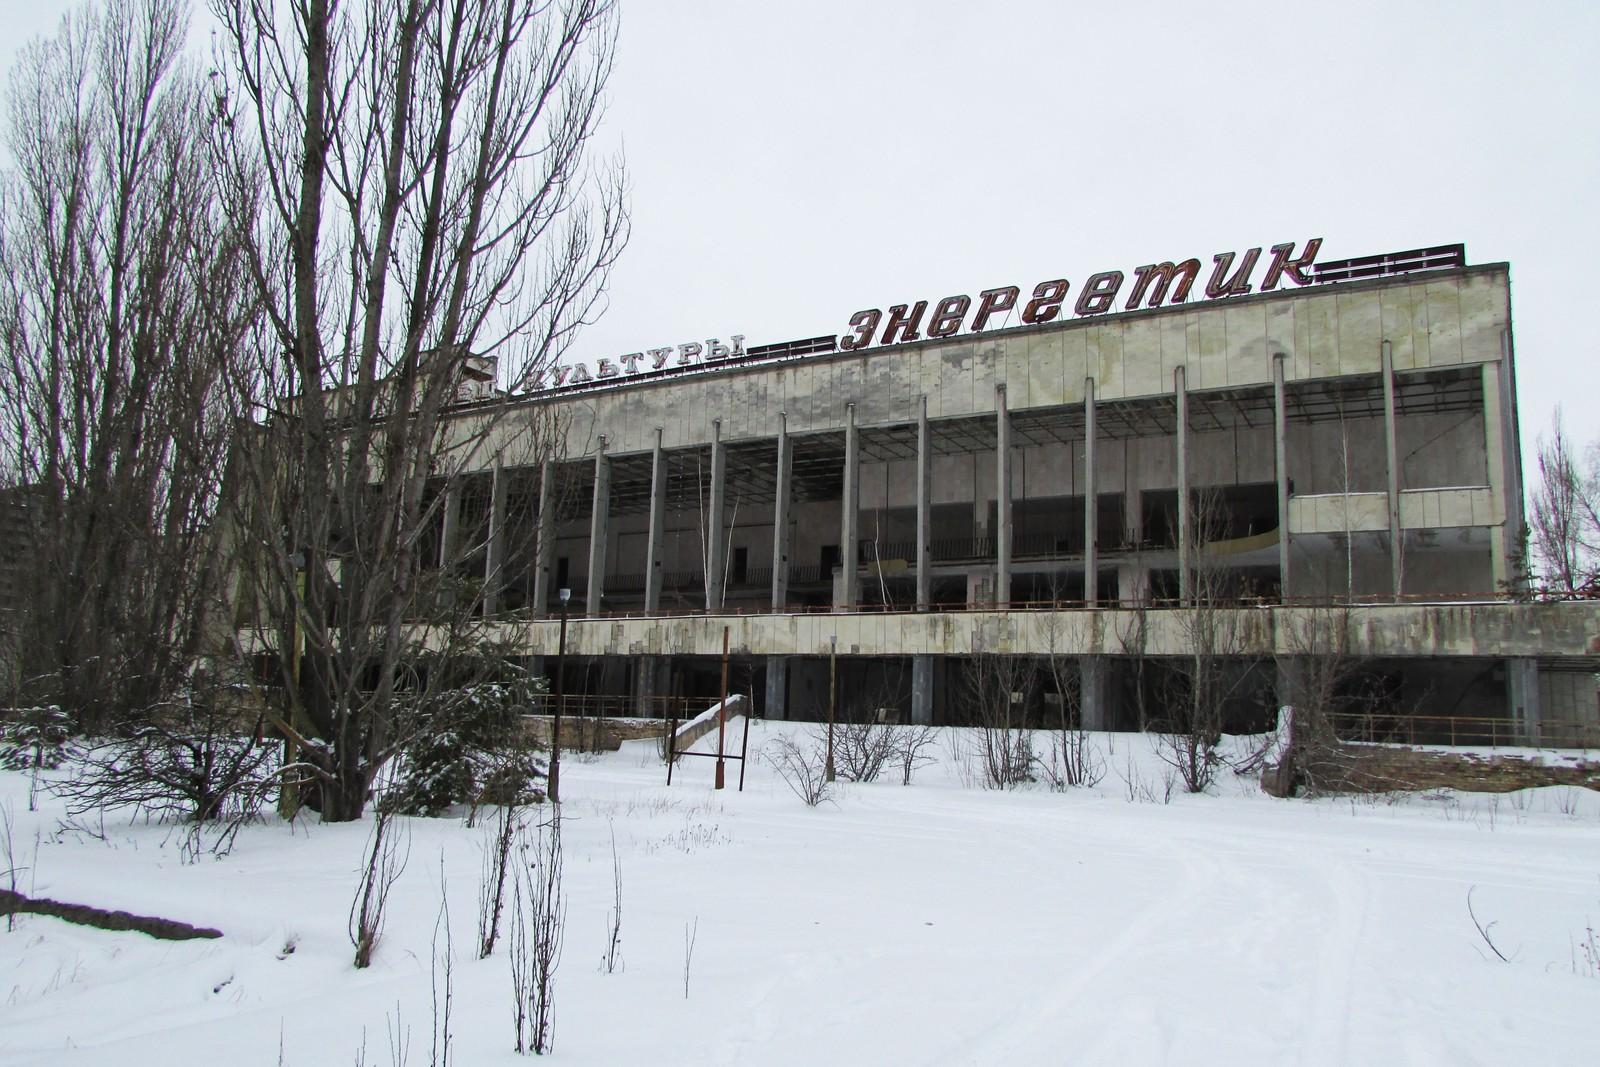 Kulturpalassene var sentrum i alle byer i gamle Sovjetunionen. De var bygget for å imponere og for å overbevise folket om kommunismens overlegenhet.